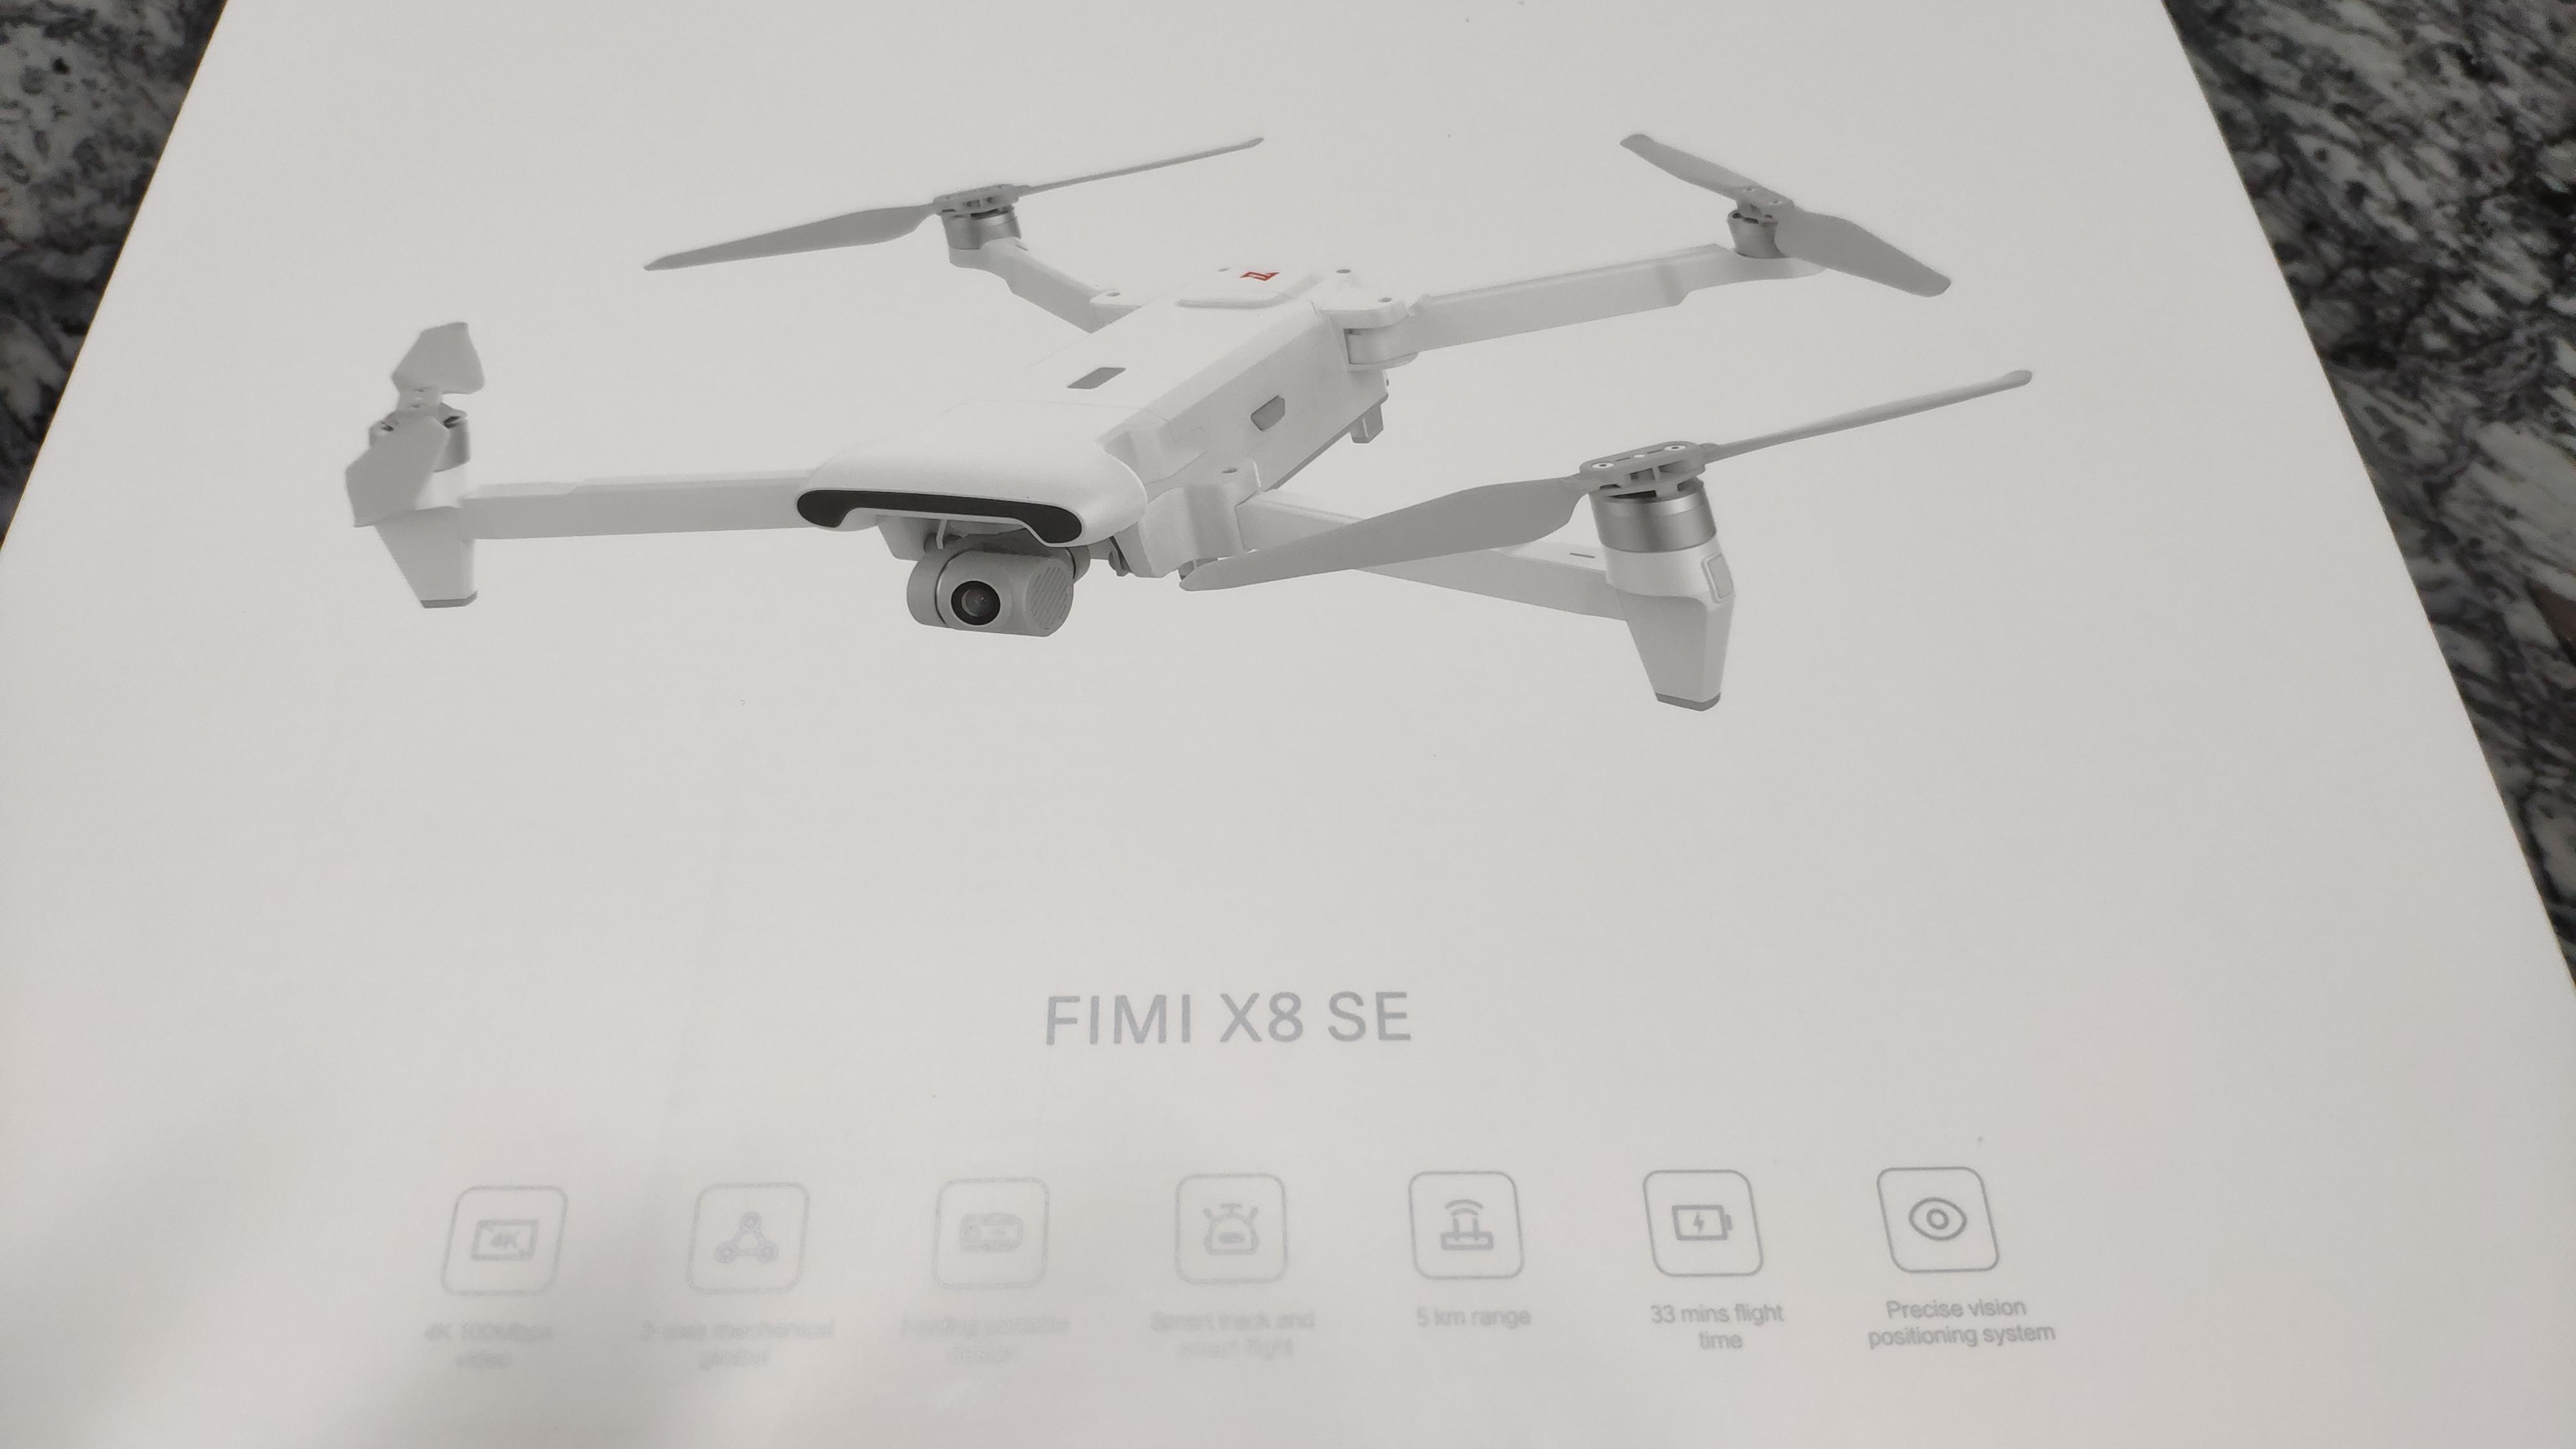 FIMI X8 SE in consegna